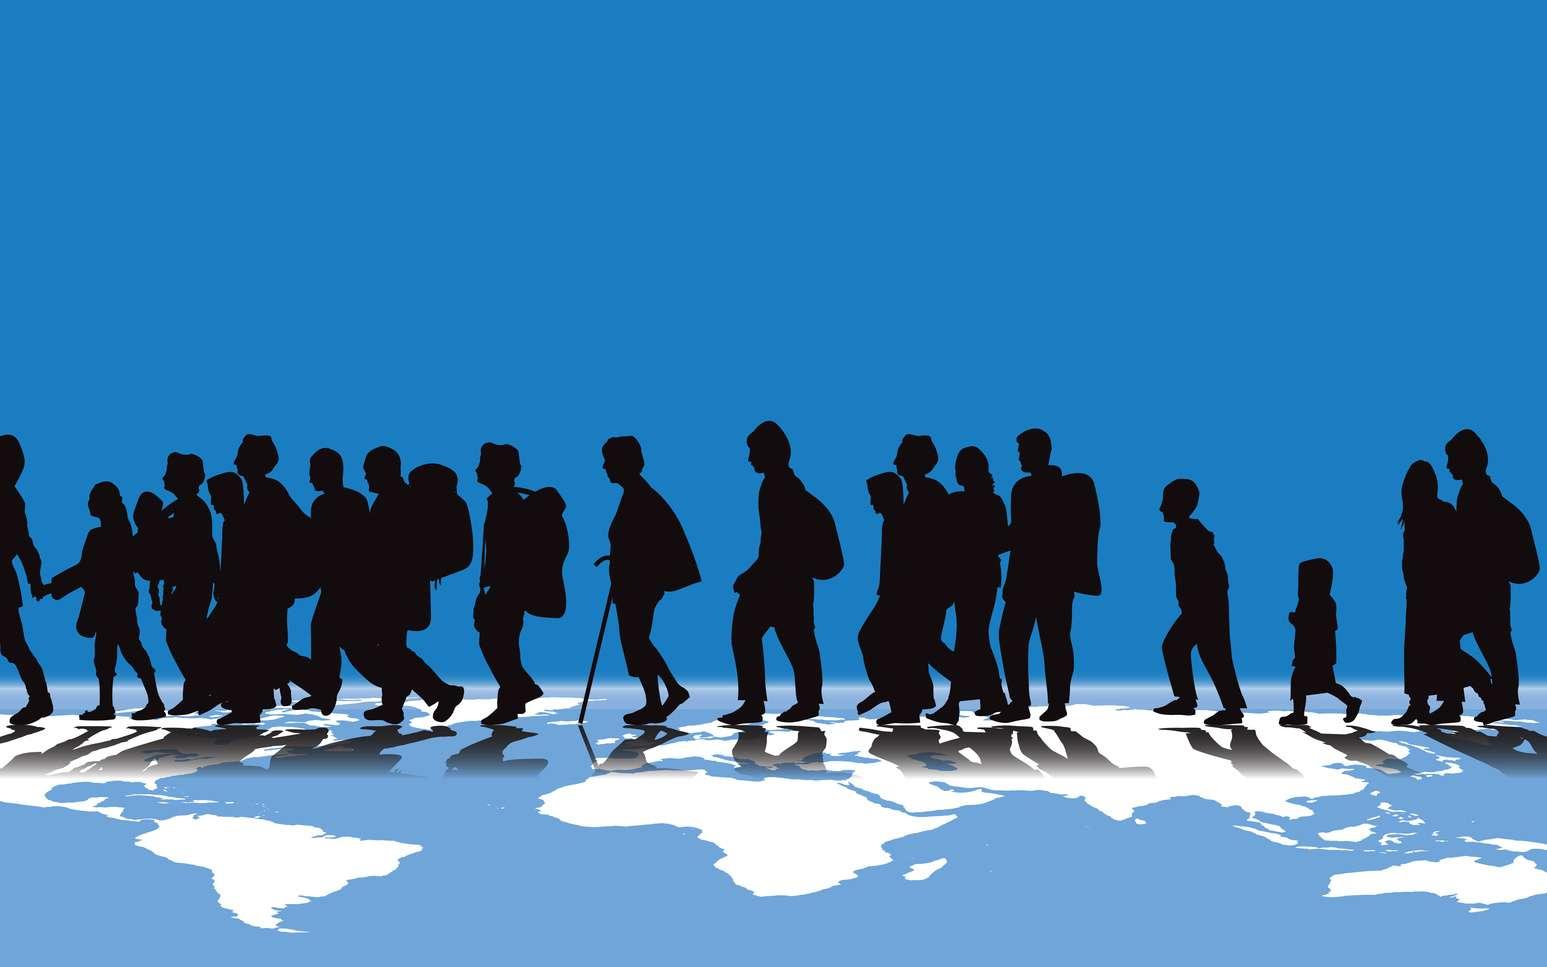 Les déplacements record de populations à travers le monde. © carlosgardel, Fotolia